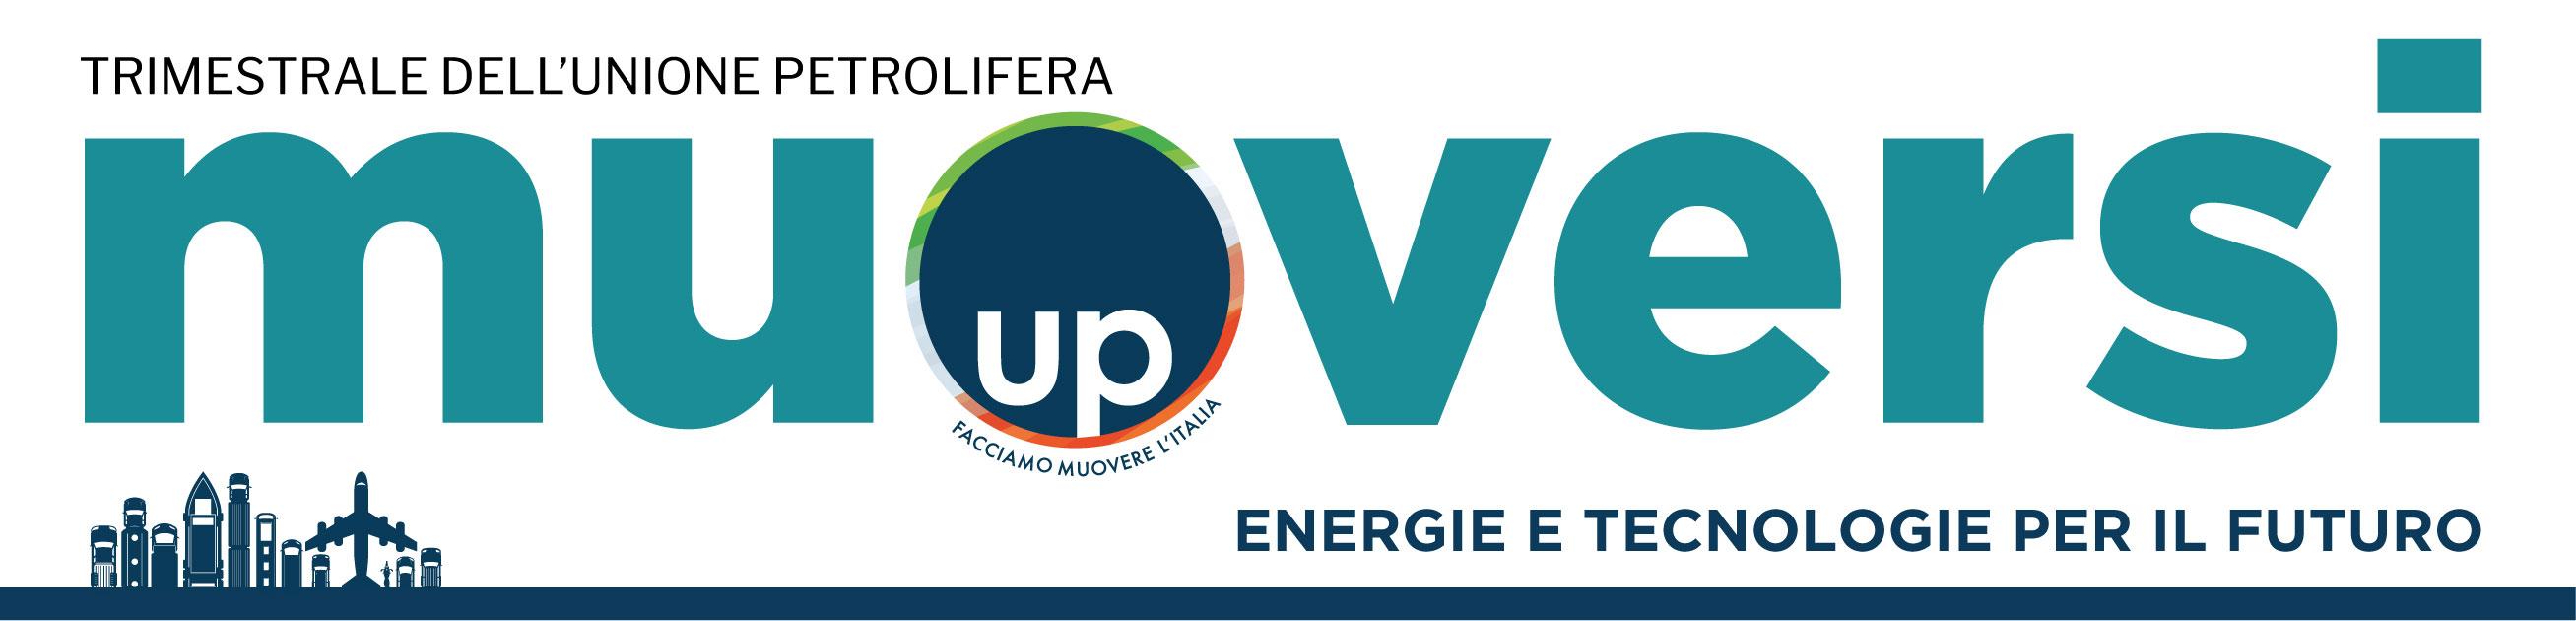 """Numero 2 del trimestrale """"Muoversi, energie e tecnologie per il futuro"""" di Unione Petrolifera"""